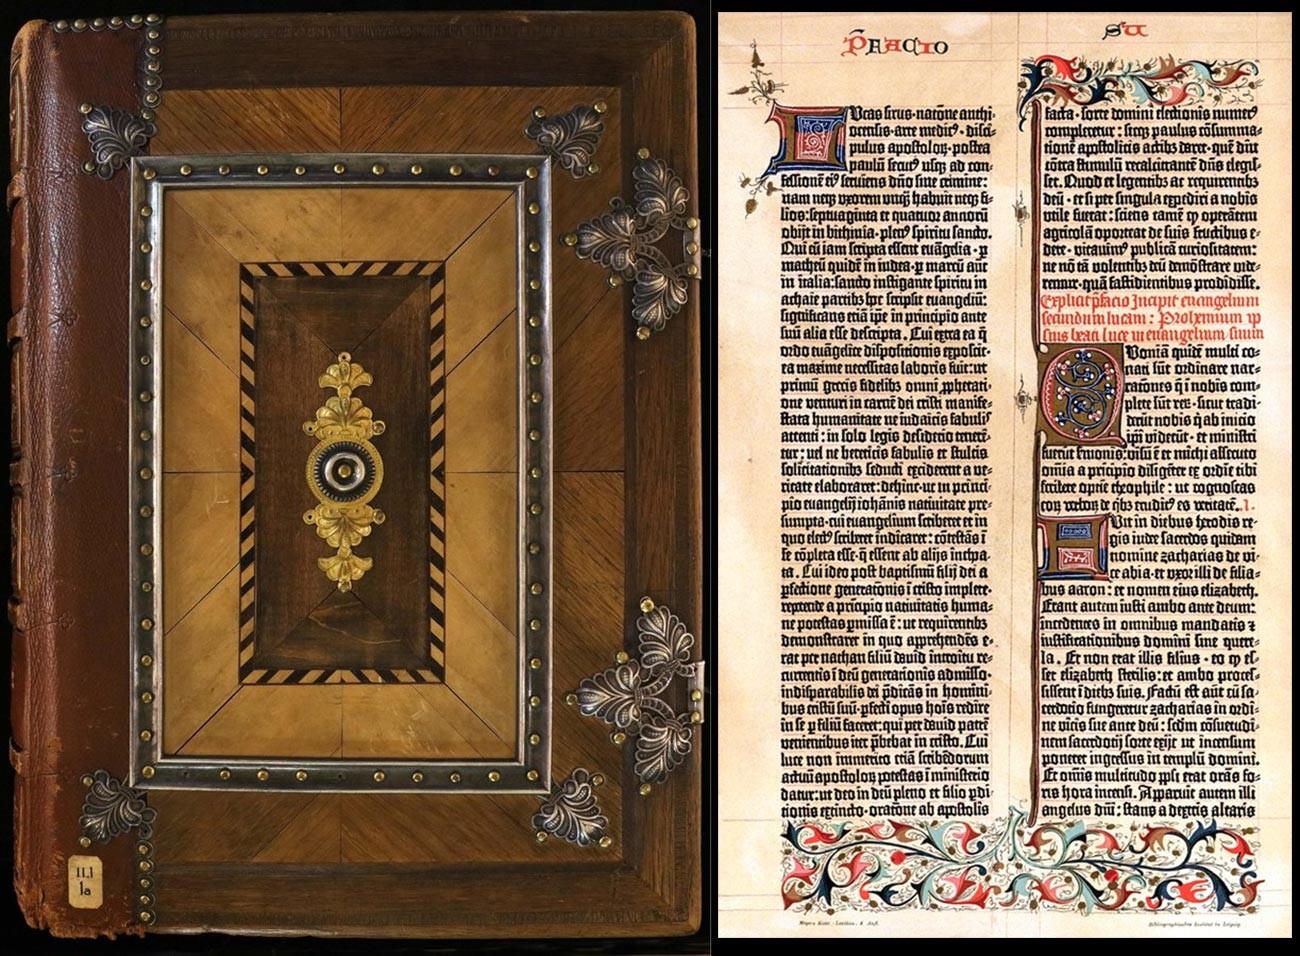 ロシア国立図書館に保管されているグーテンベルク聖書